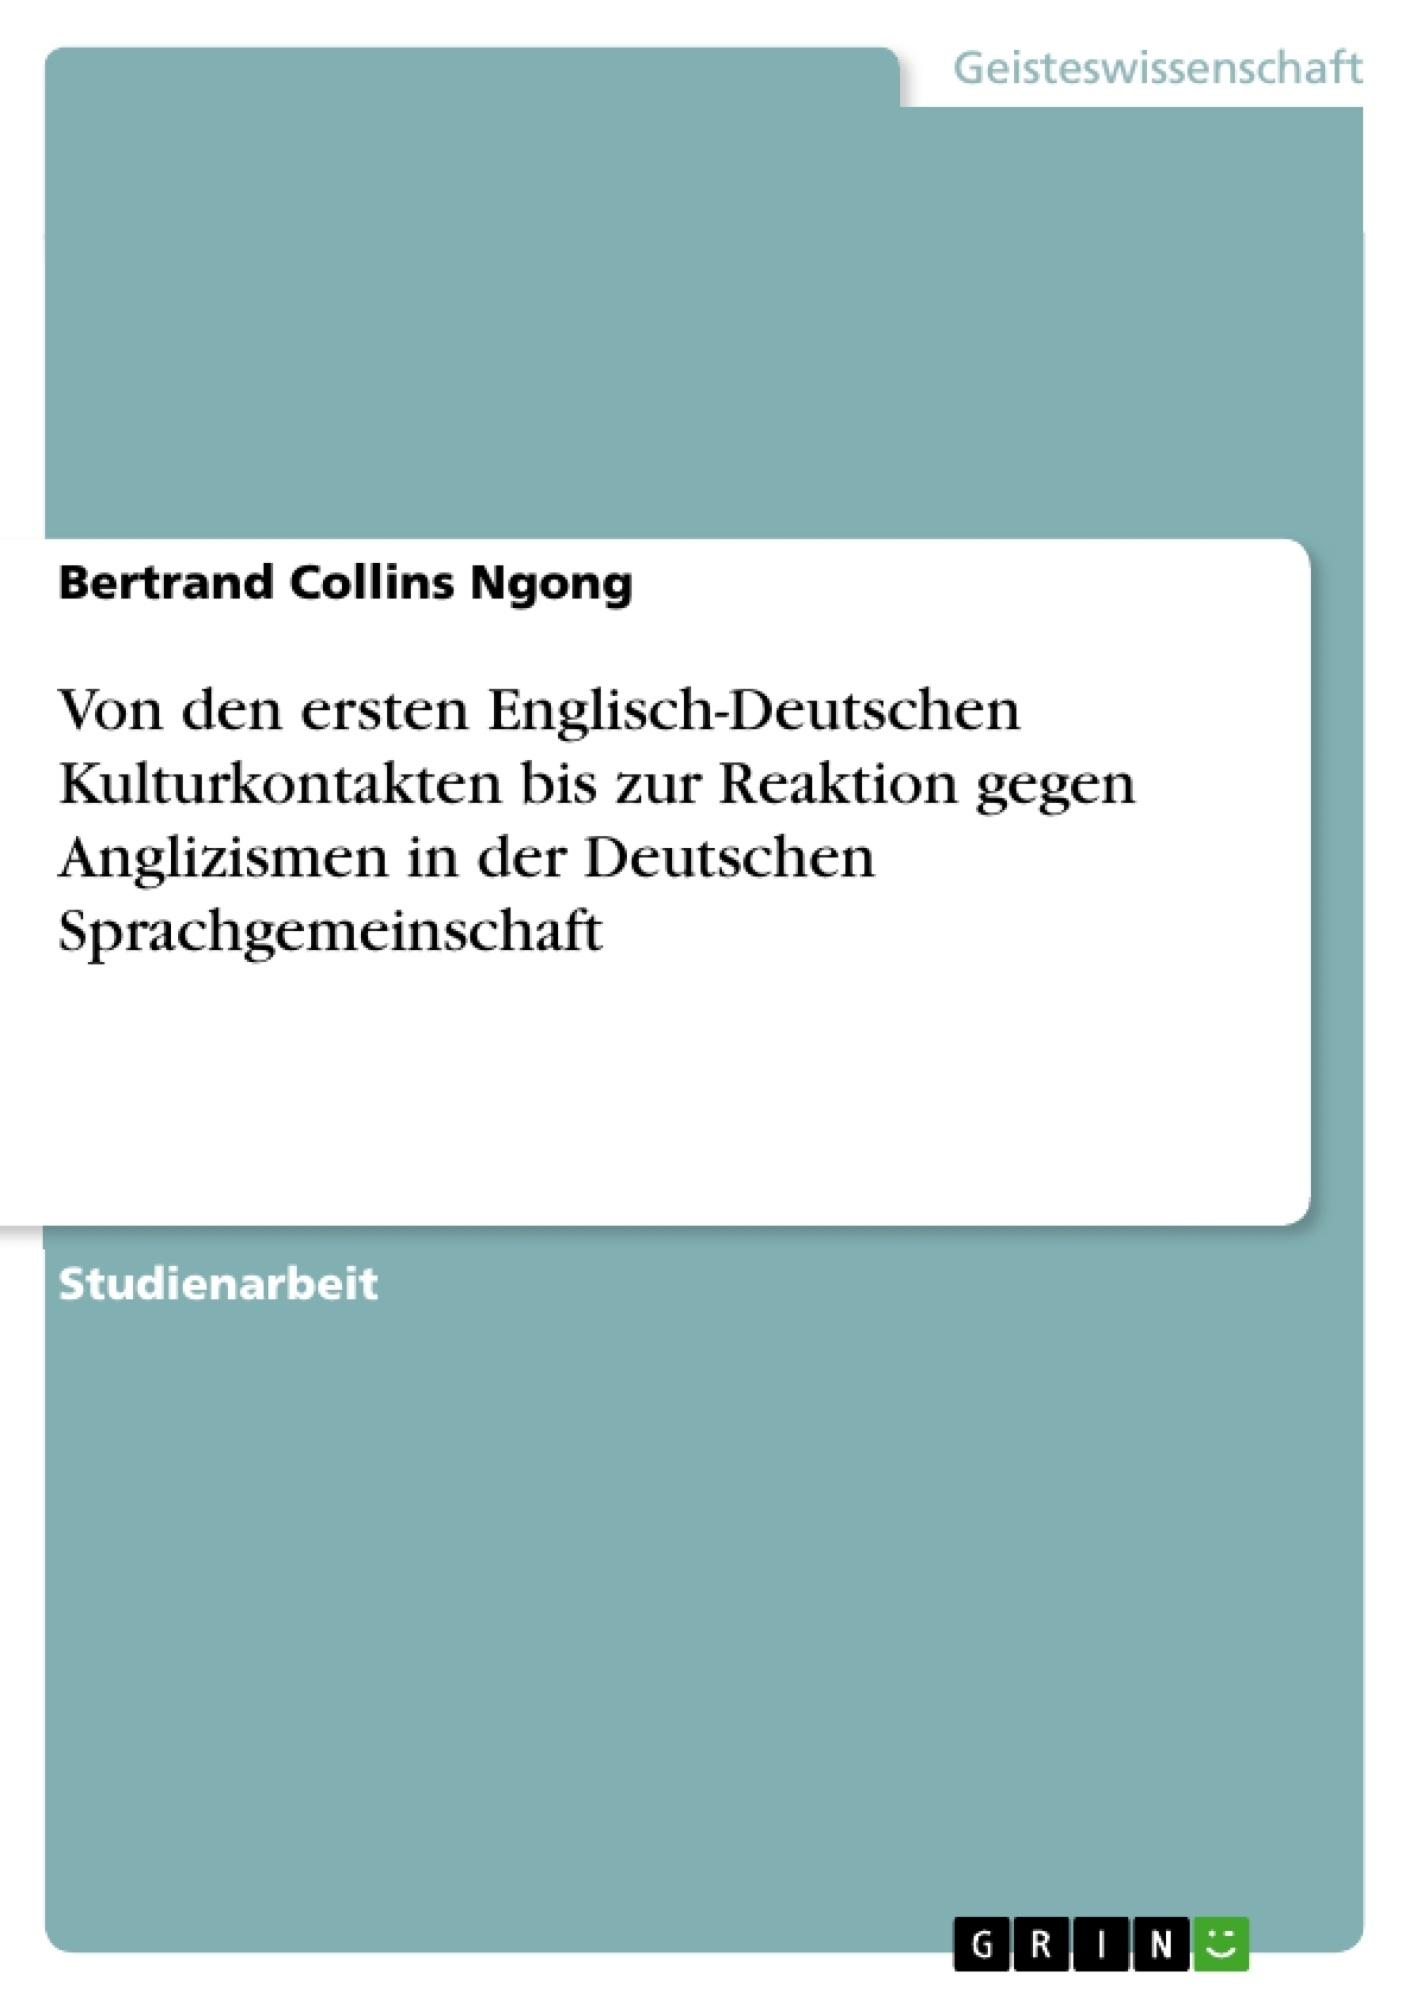 Titel: Von den ersten Englisch-Deutschen Kulturkontakten bis zur Reaktion gegen Anglizismen in der Deutschen Sprachgemeinschaft